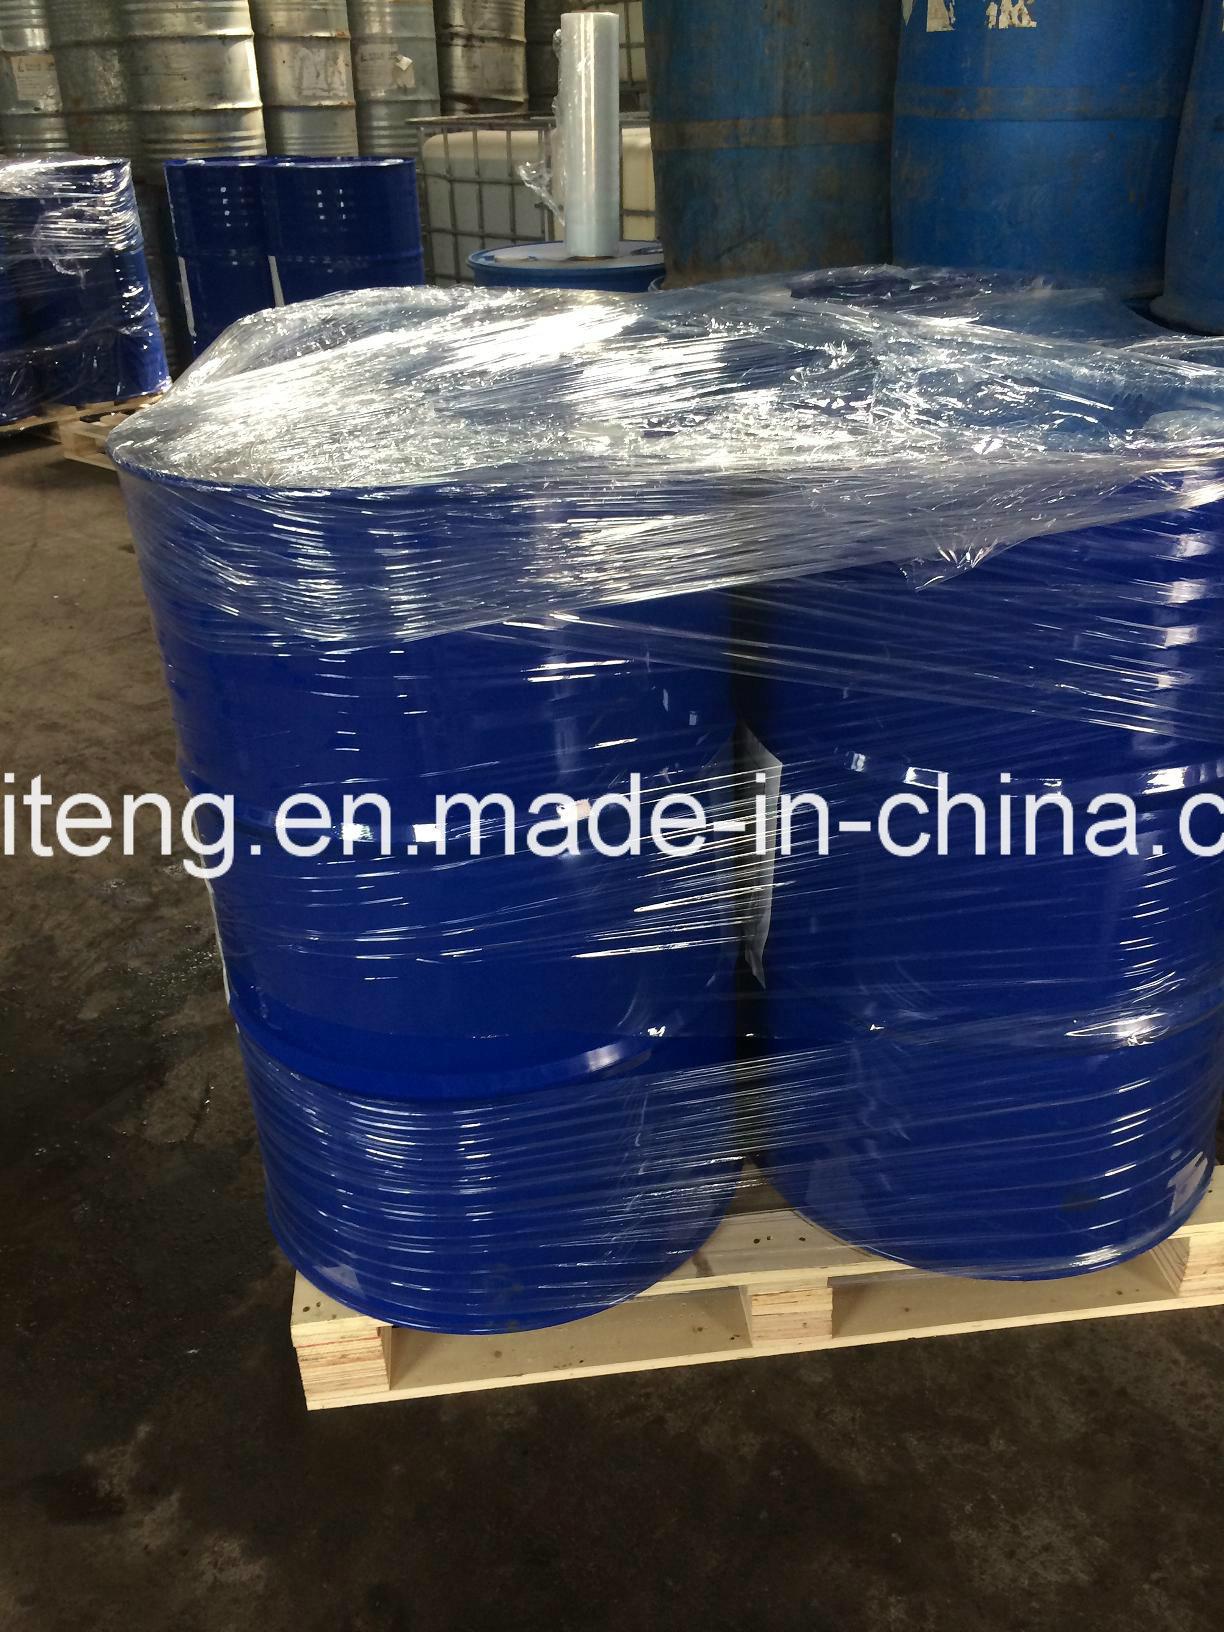 TEG / Triethylene Glycol 99.5% CAS No.: 112-27-6